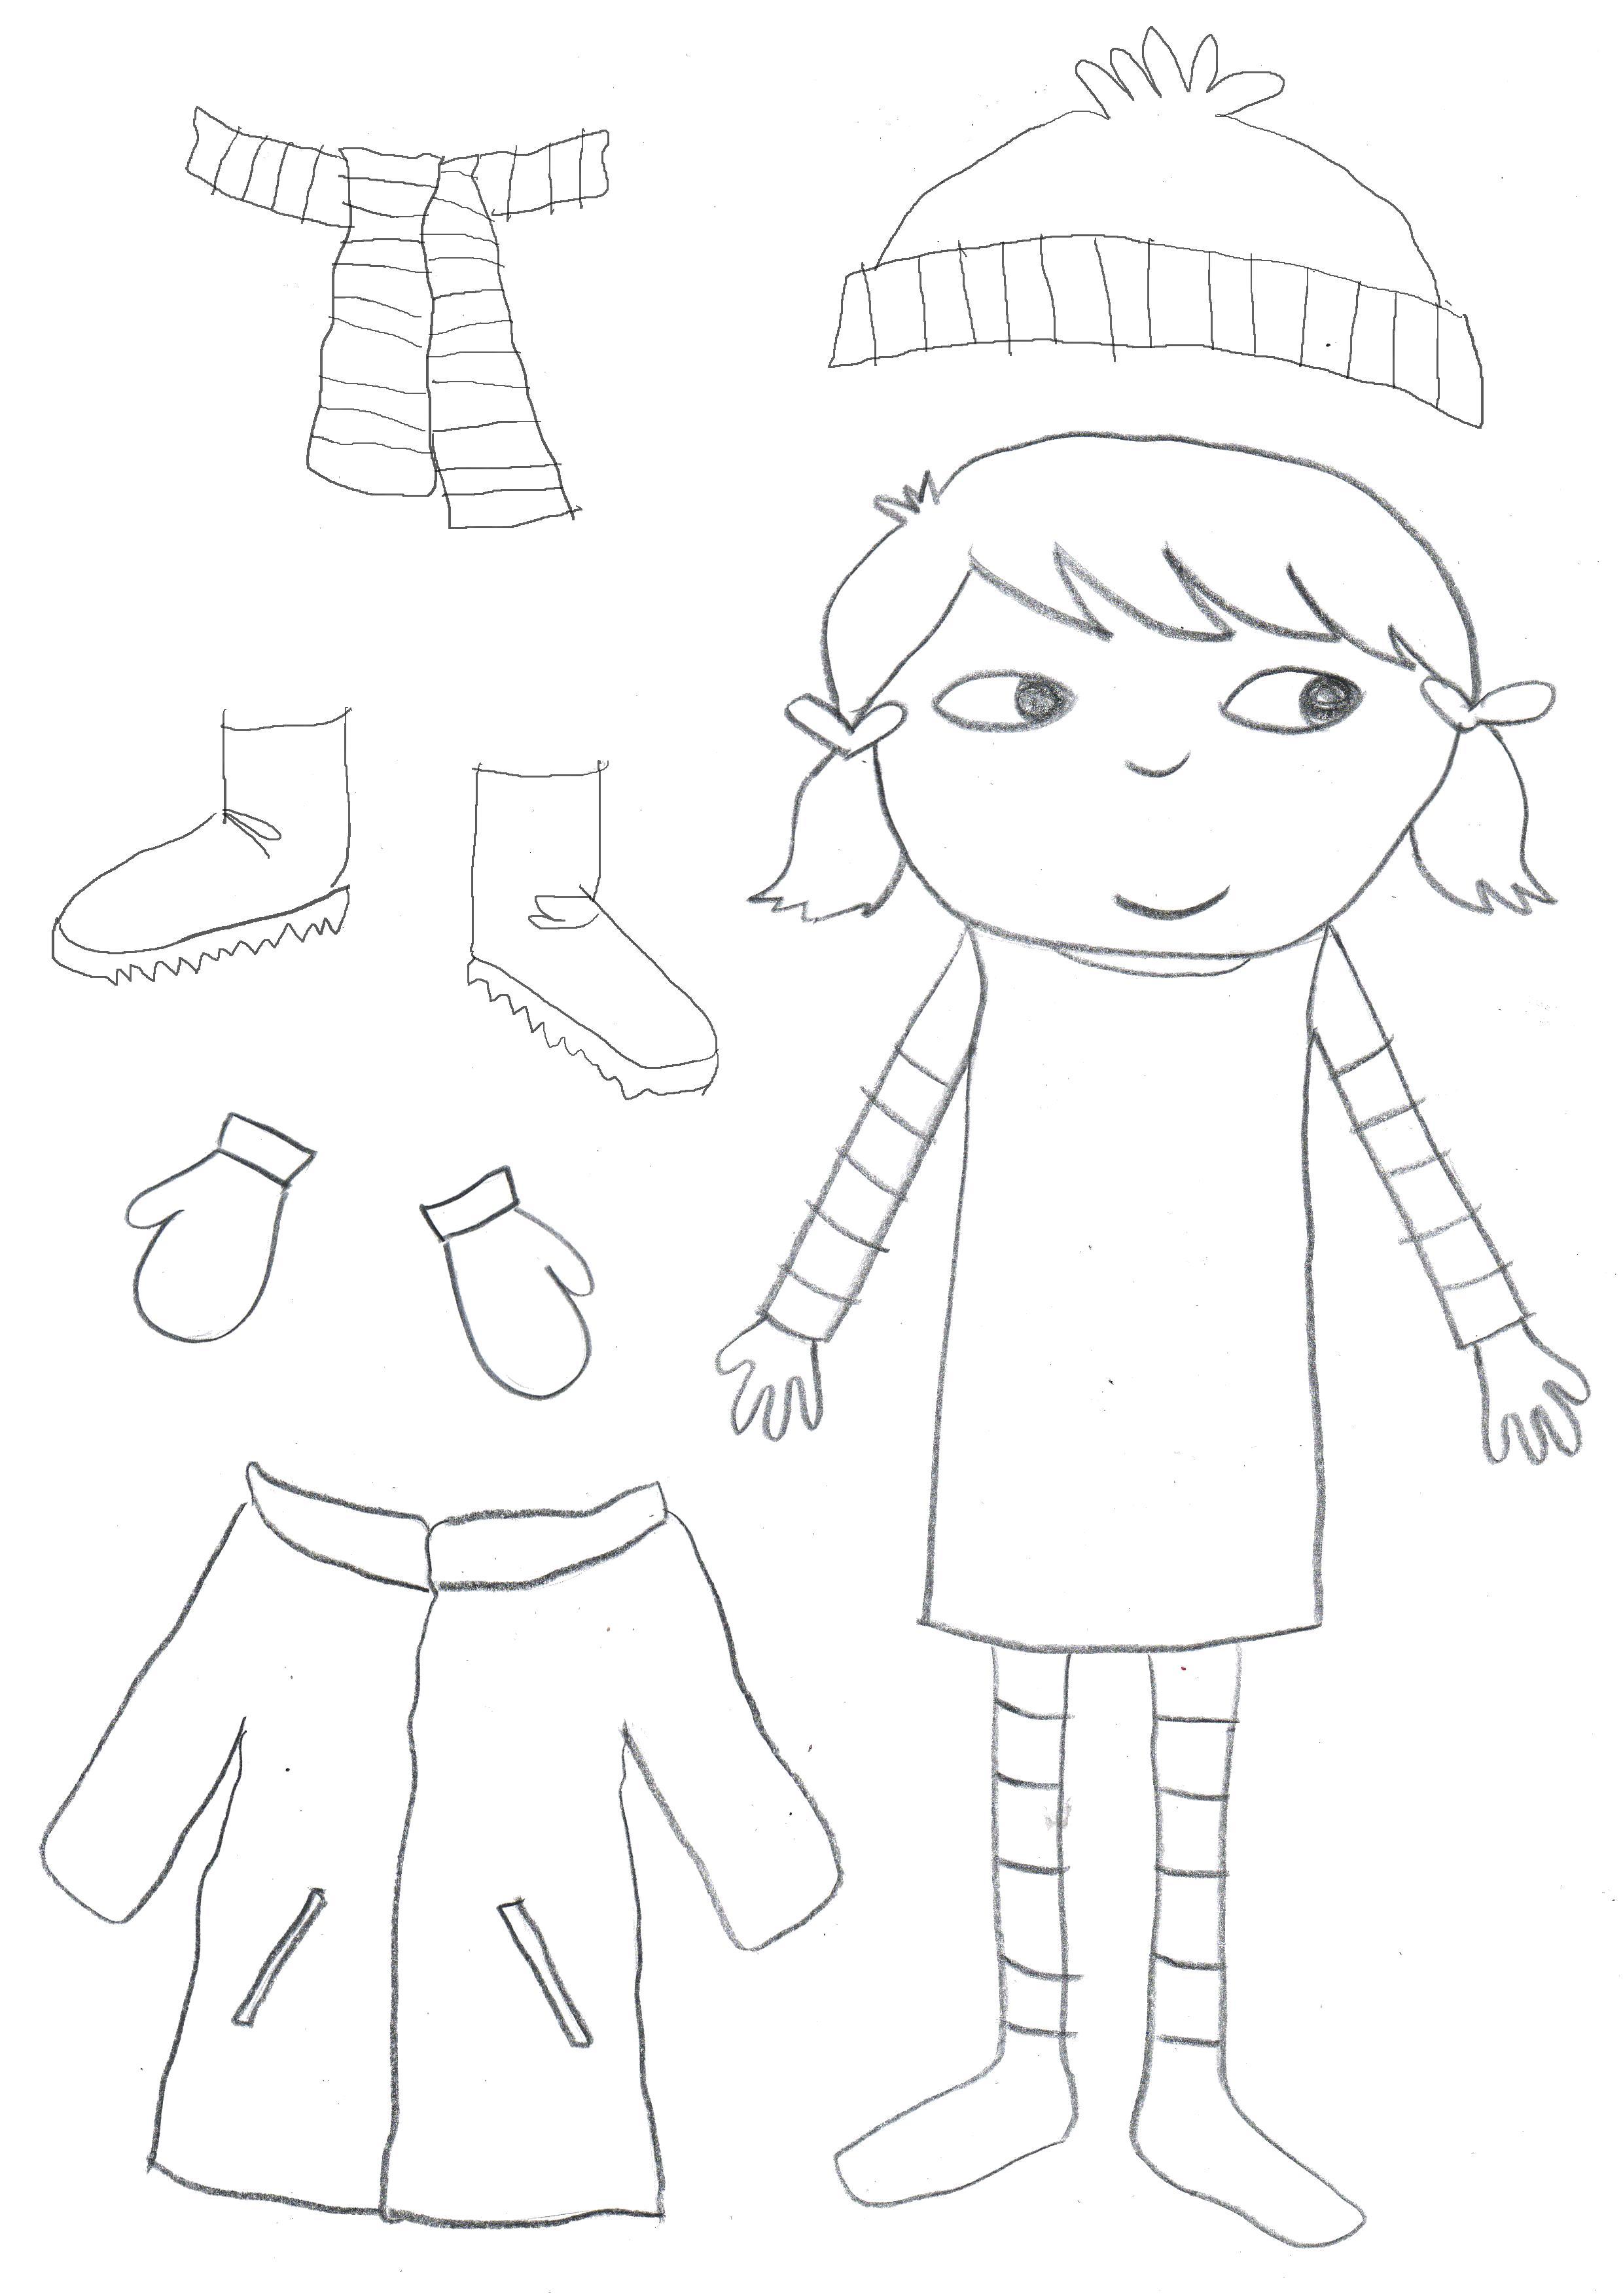 Раскраска  одежда для девочки. Скачать Зимняя одежда.  Распечатать Зимняя одежда